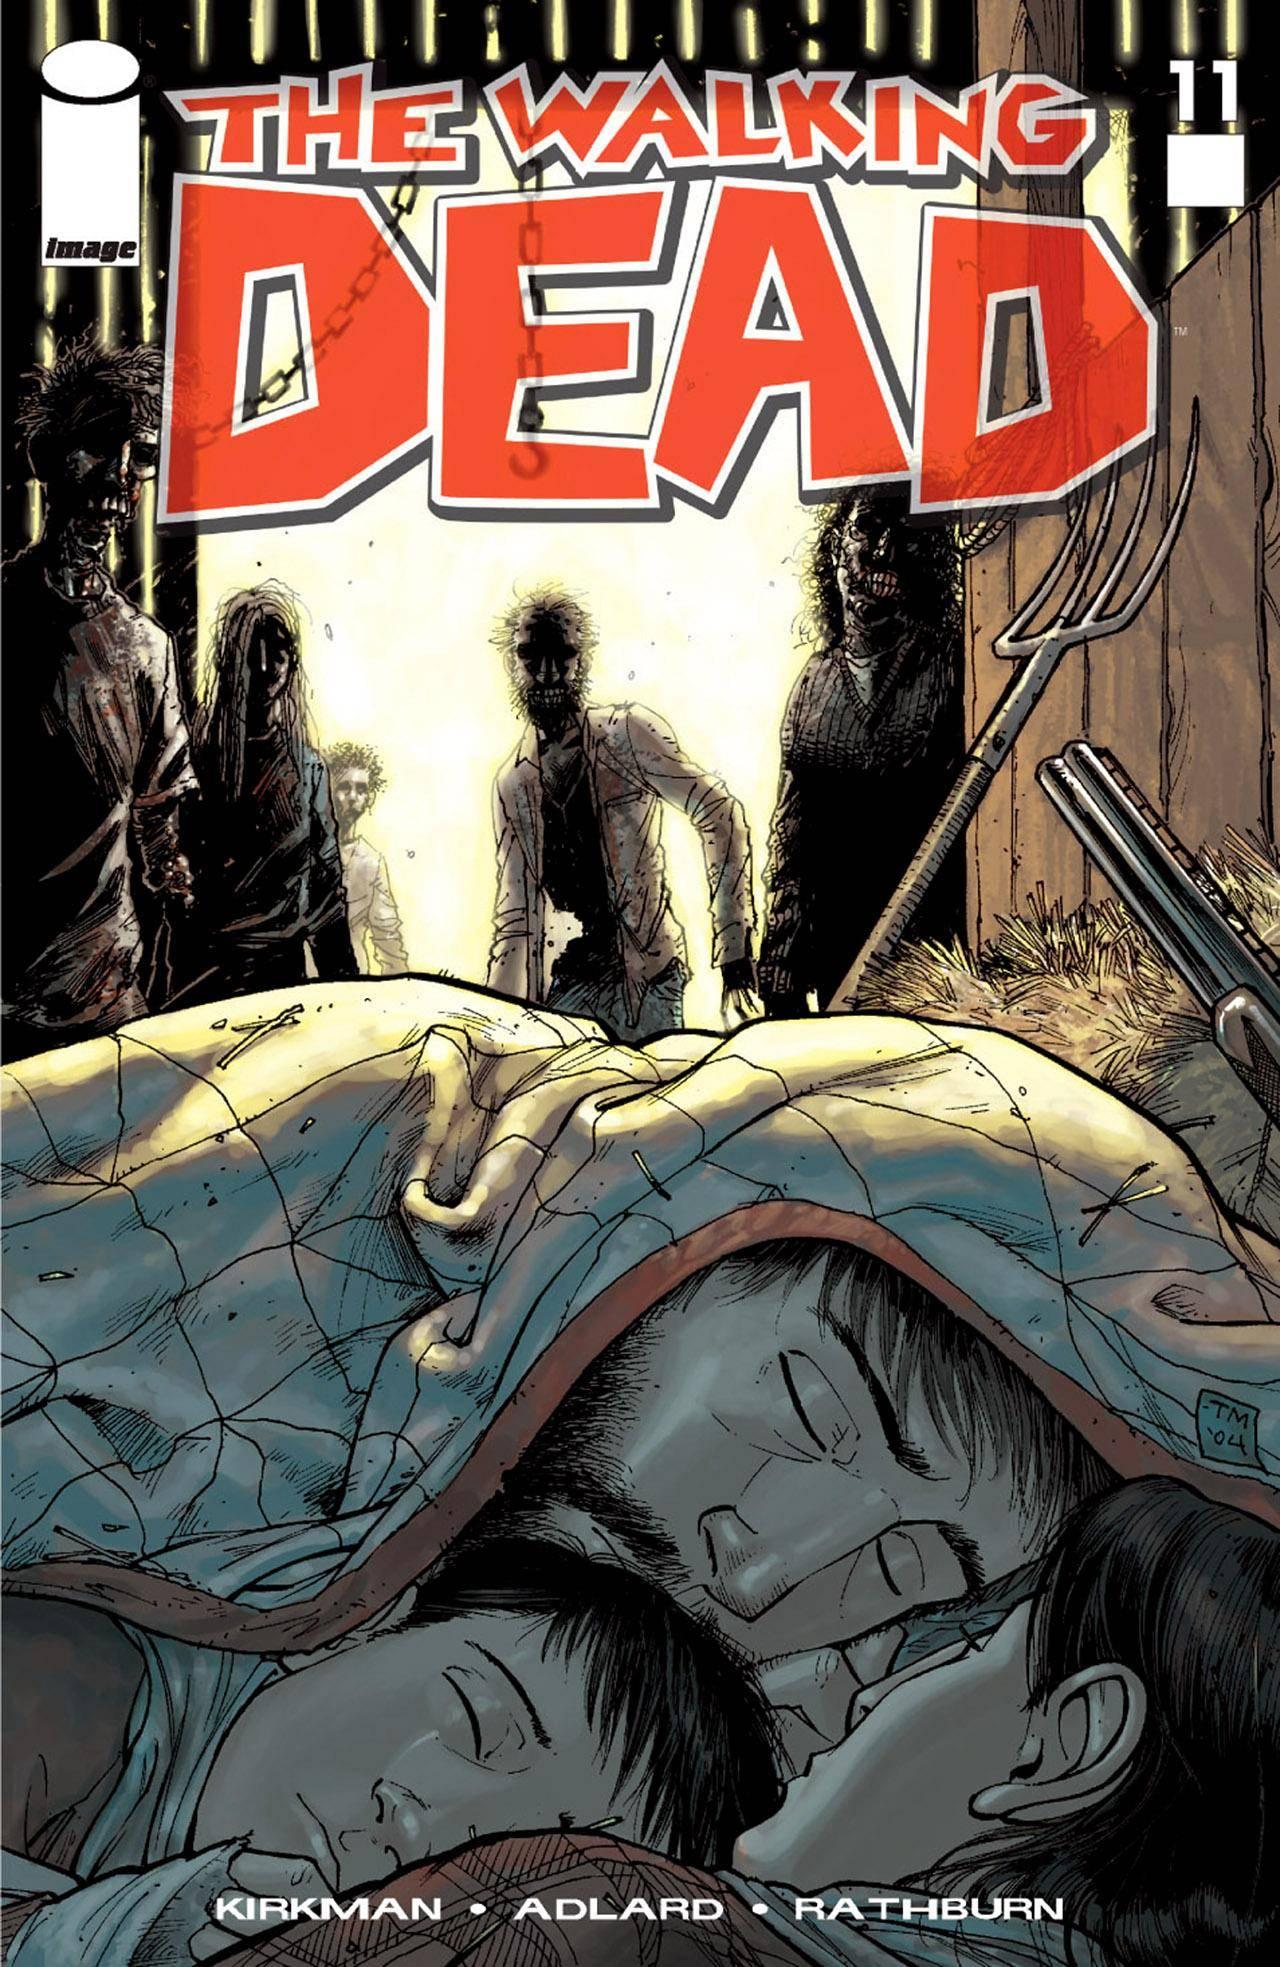 Walking Dead 011 2004 digital